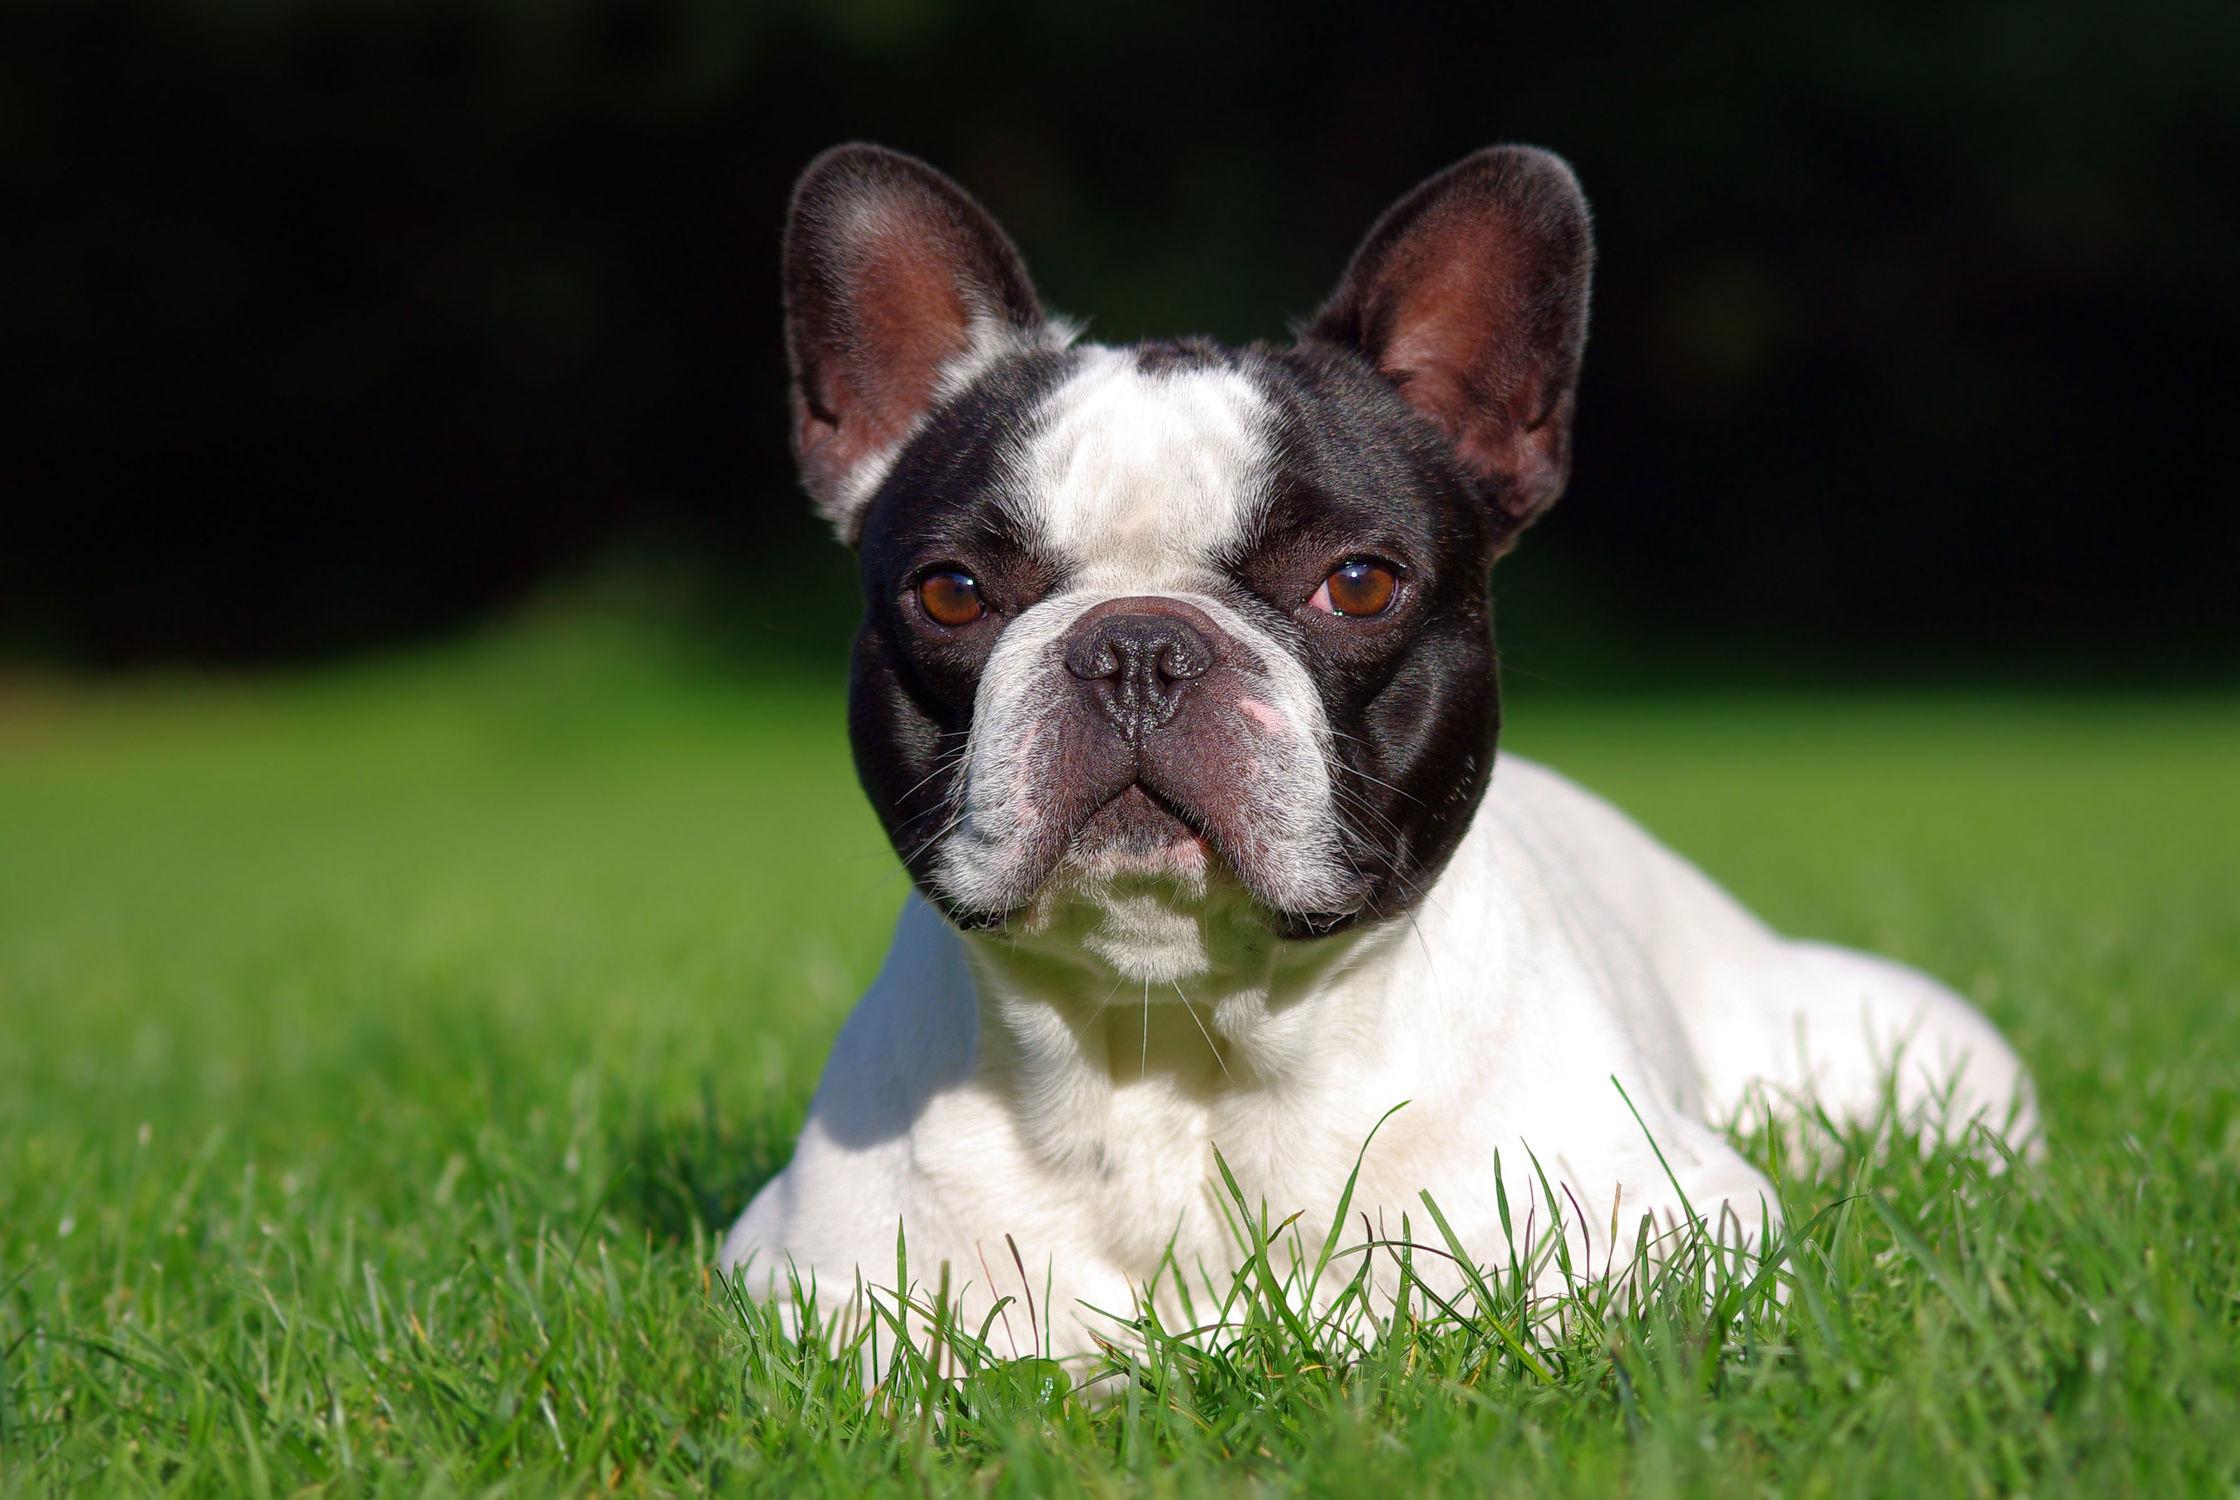 Bild mit Tiere, Natur, Hunde, Tier, Hund, Boston Terrier, Boston Terriers, Hunderasse Boston, Hunderasse Boston, Welpe, Tierfotografie, Animal, Umwelt, Welpen, Tierbild, Tierbilder, Tierfoto, französische Bulldogge, Frenchie